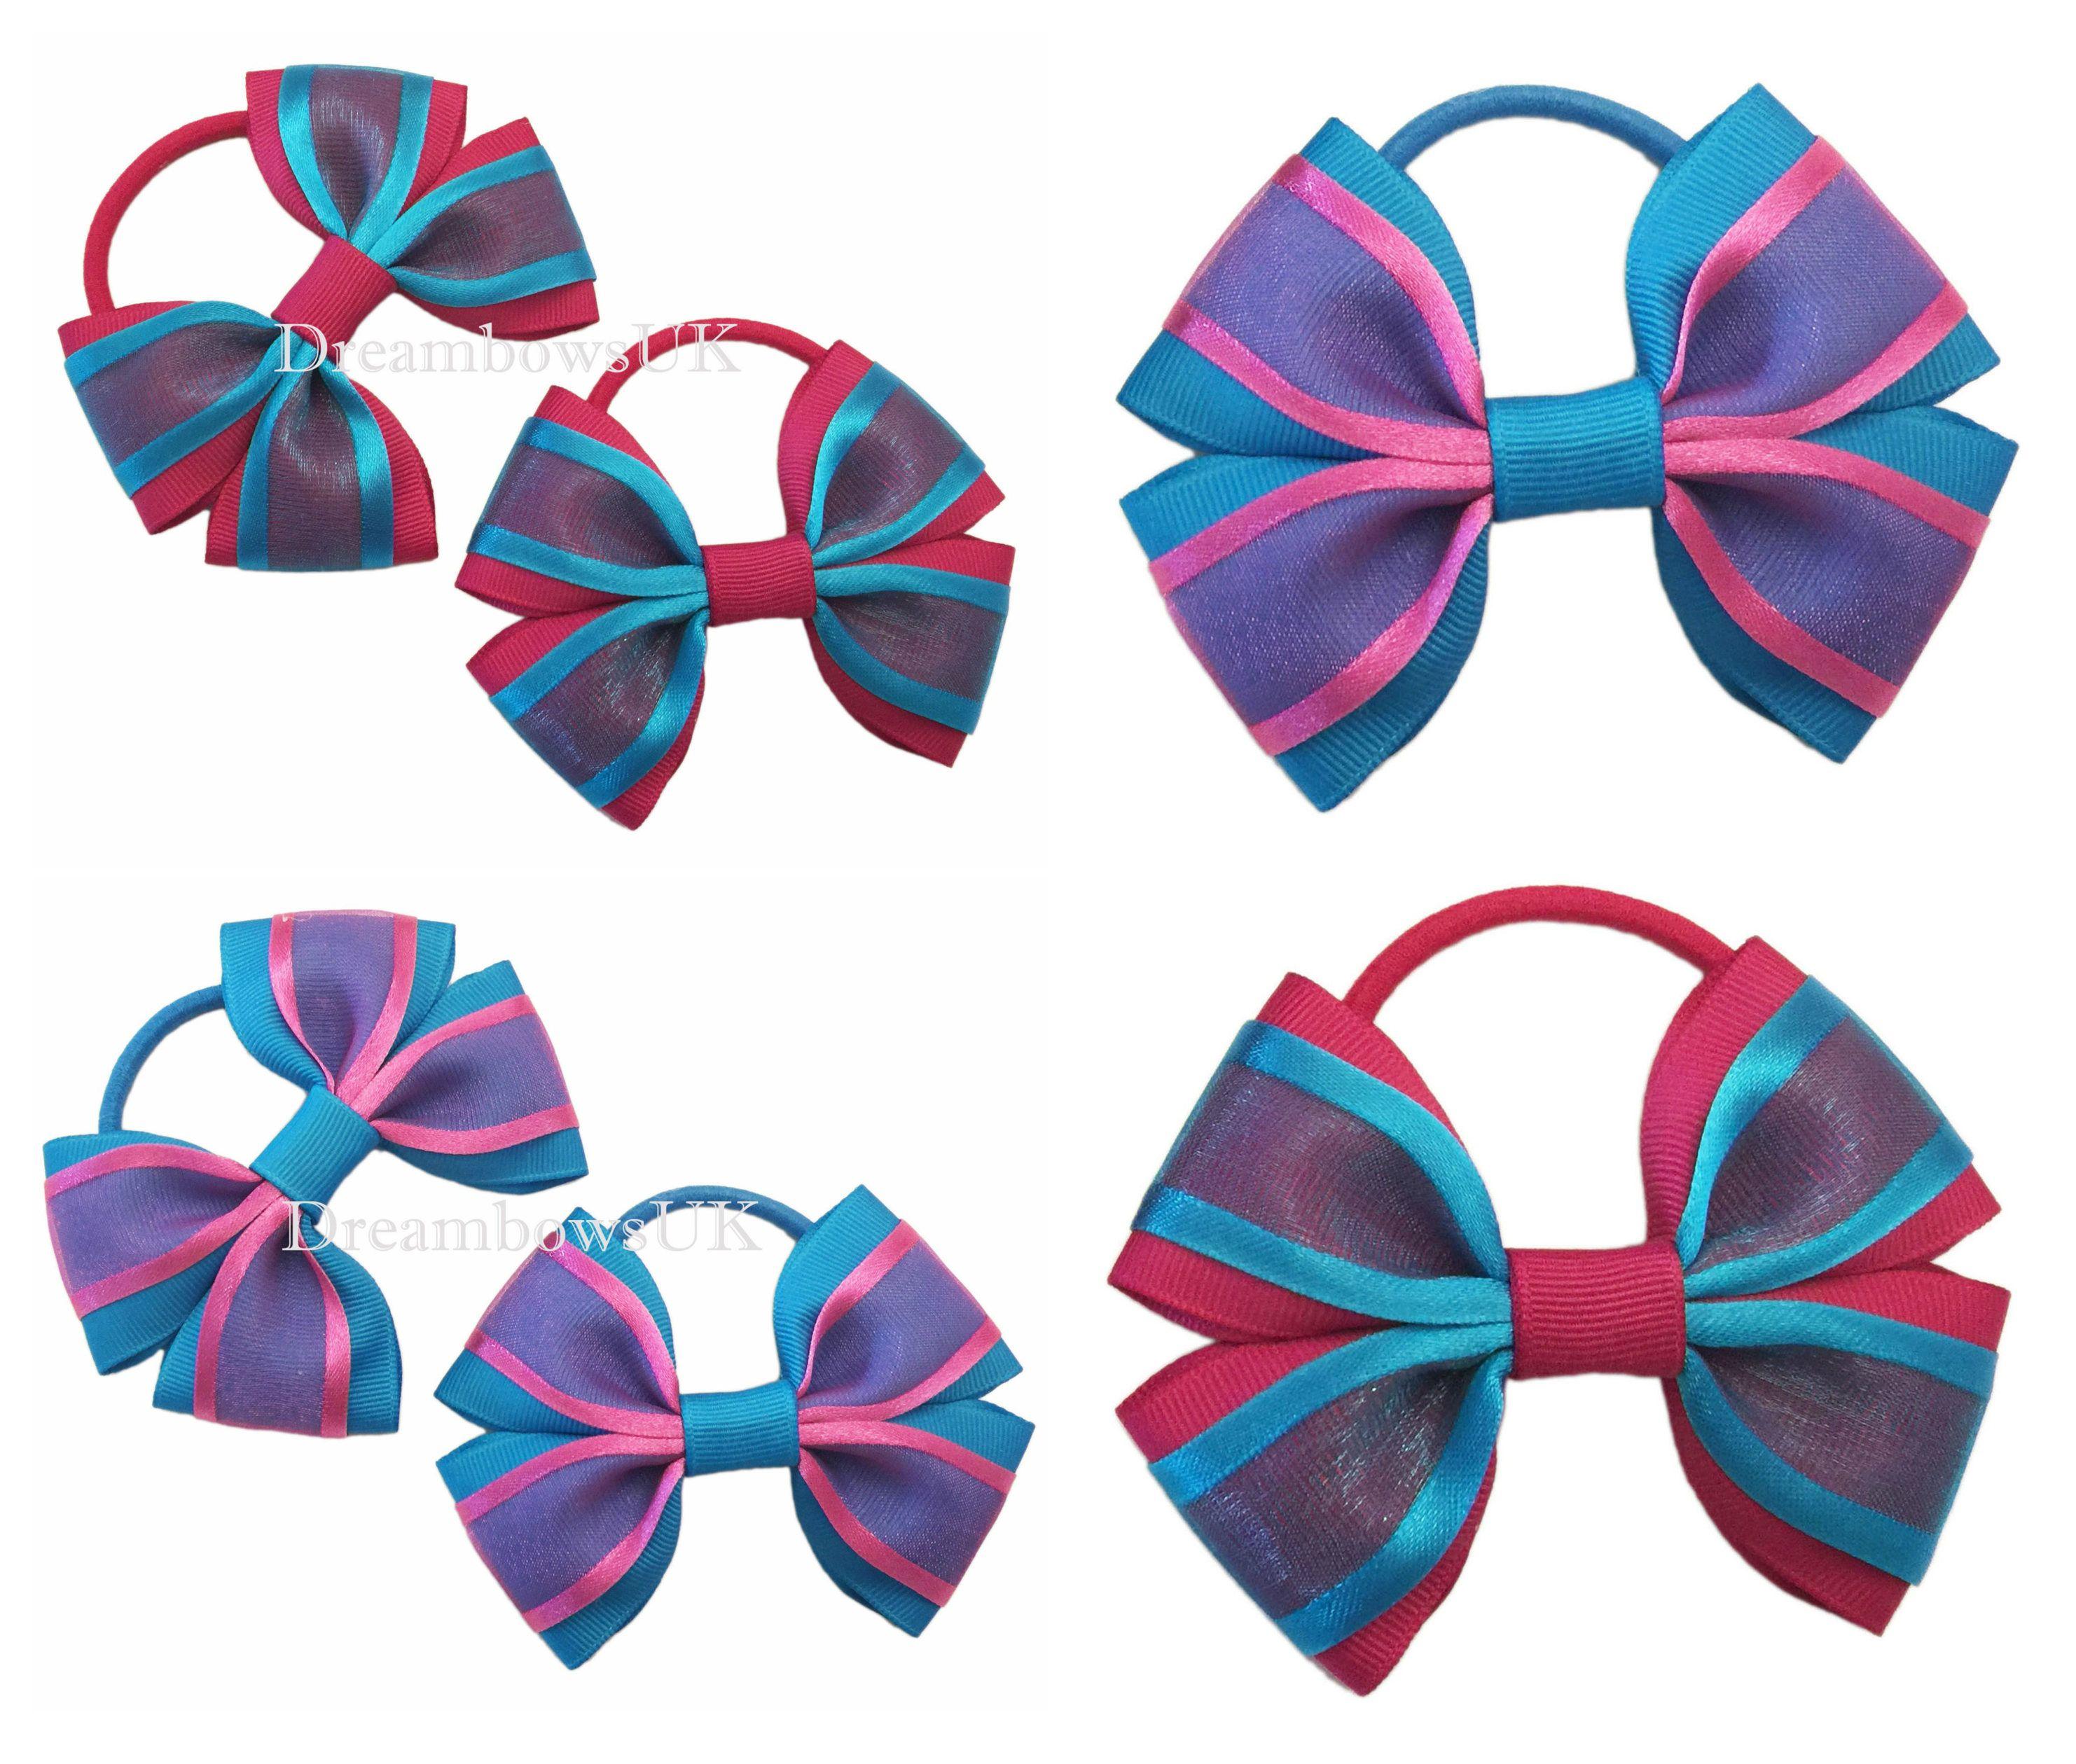 bow thick hair bobbles//elastics hair ties Lilac organza hair bows//accessories